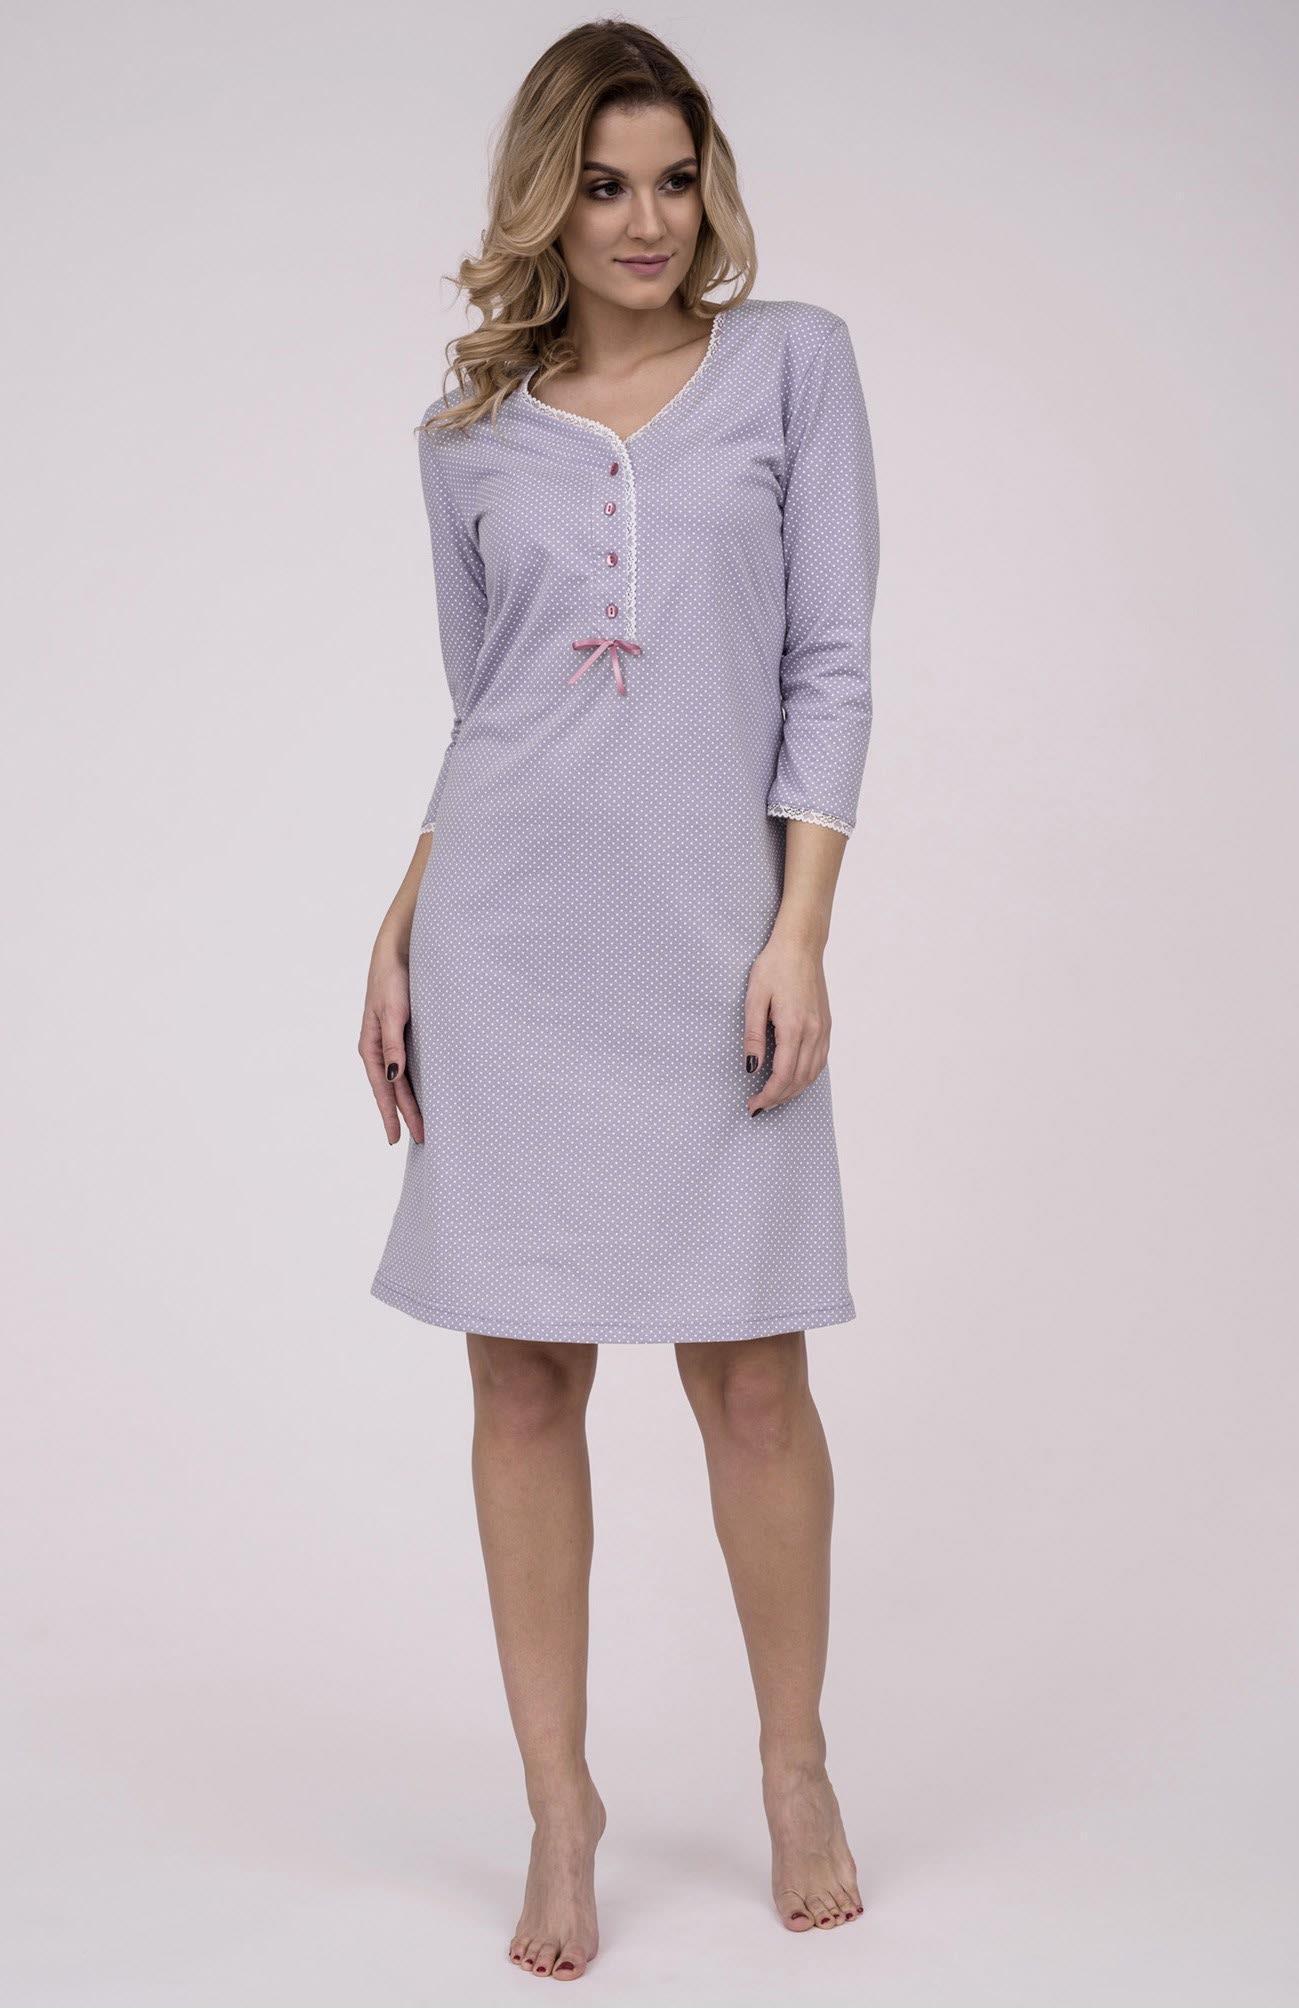 a968cebb39c6 Dámska nočná bavlnená košeľa Cana 778 je určená pre obdobie jar-leto  kolekcia 2018.